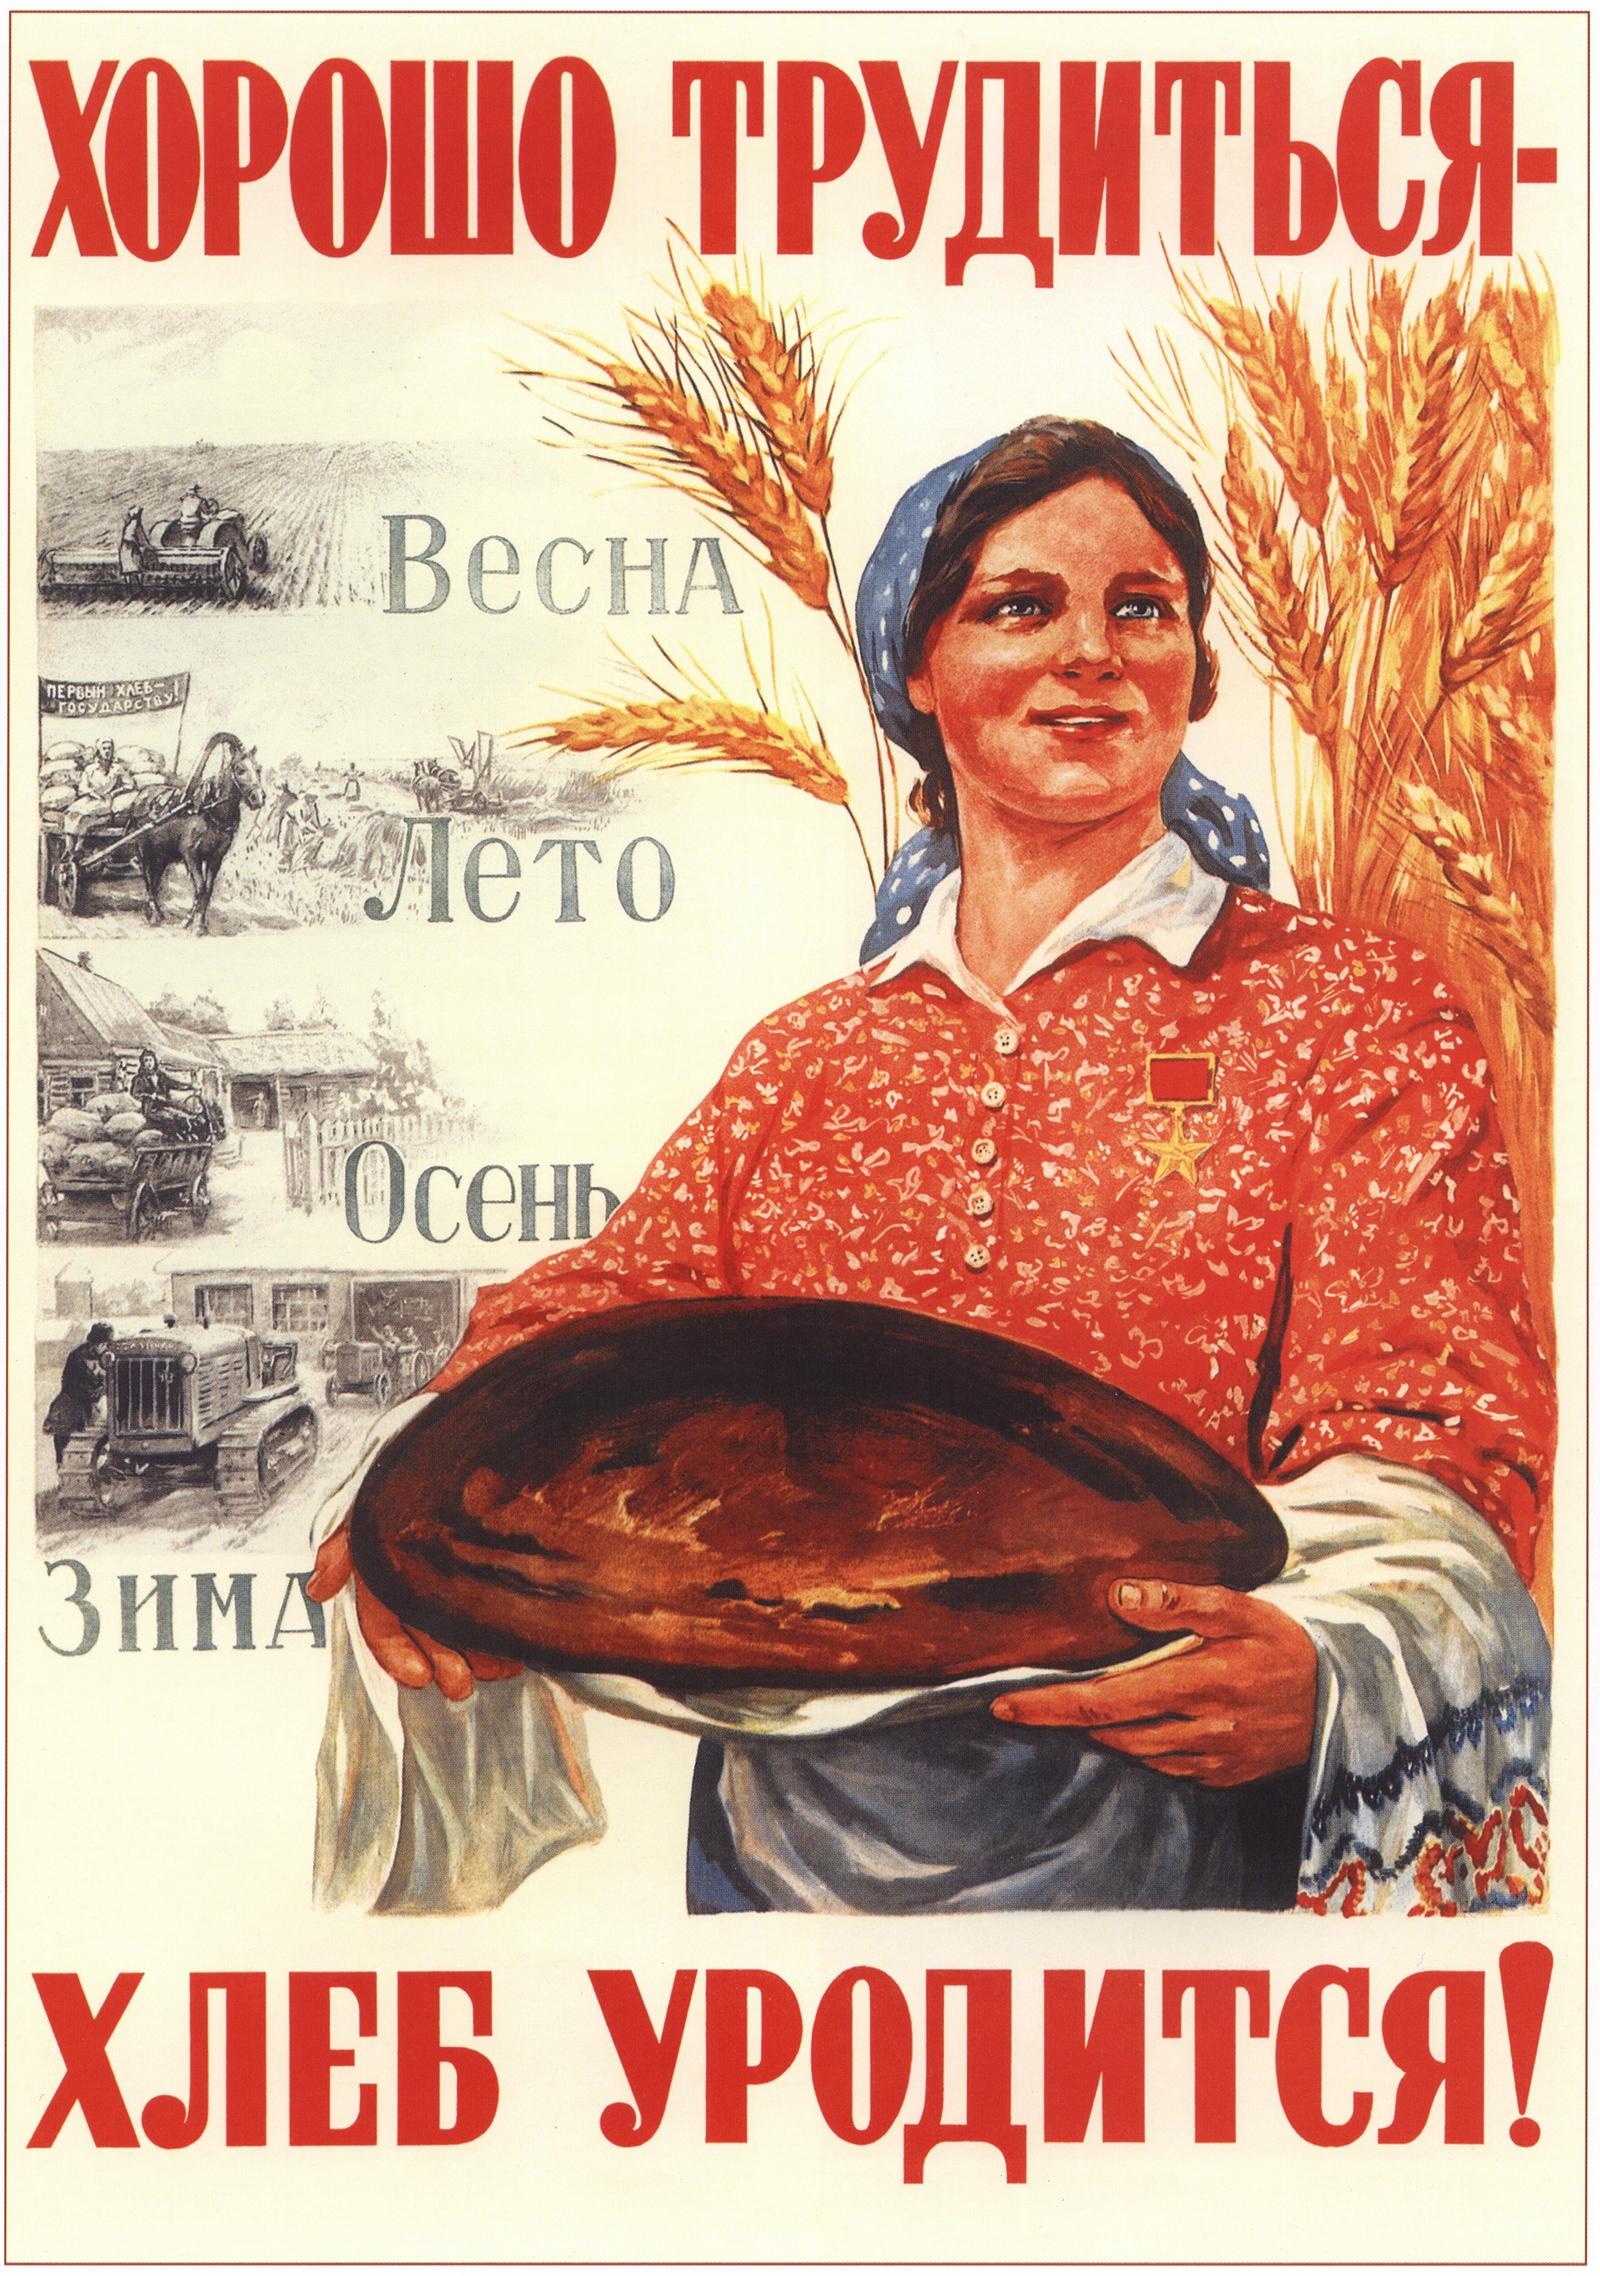 Хорошо трудиться — хлеб уродится! Автор: М. М. Соловьев Год: 1947